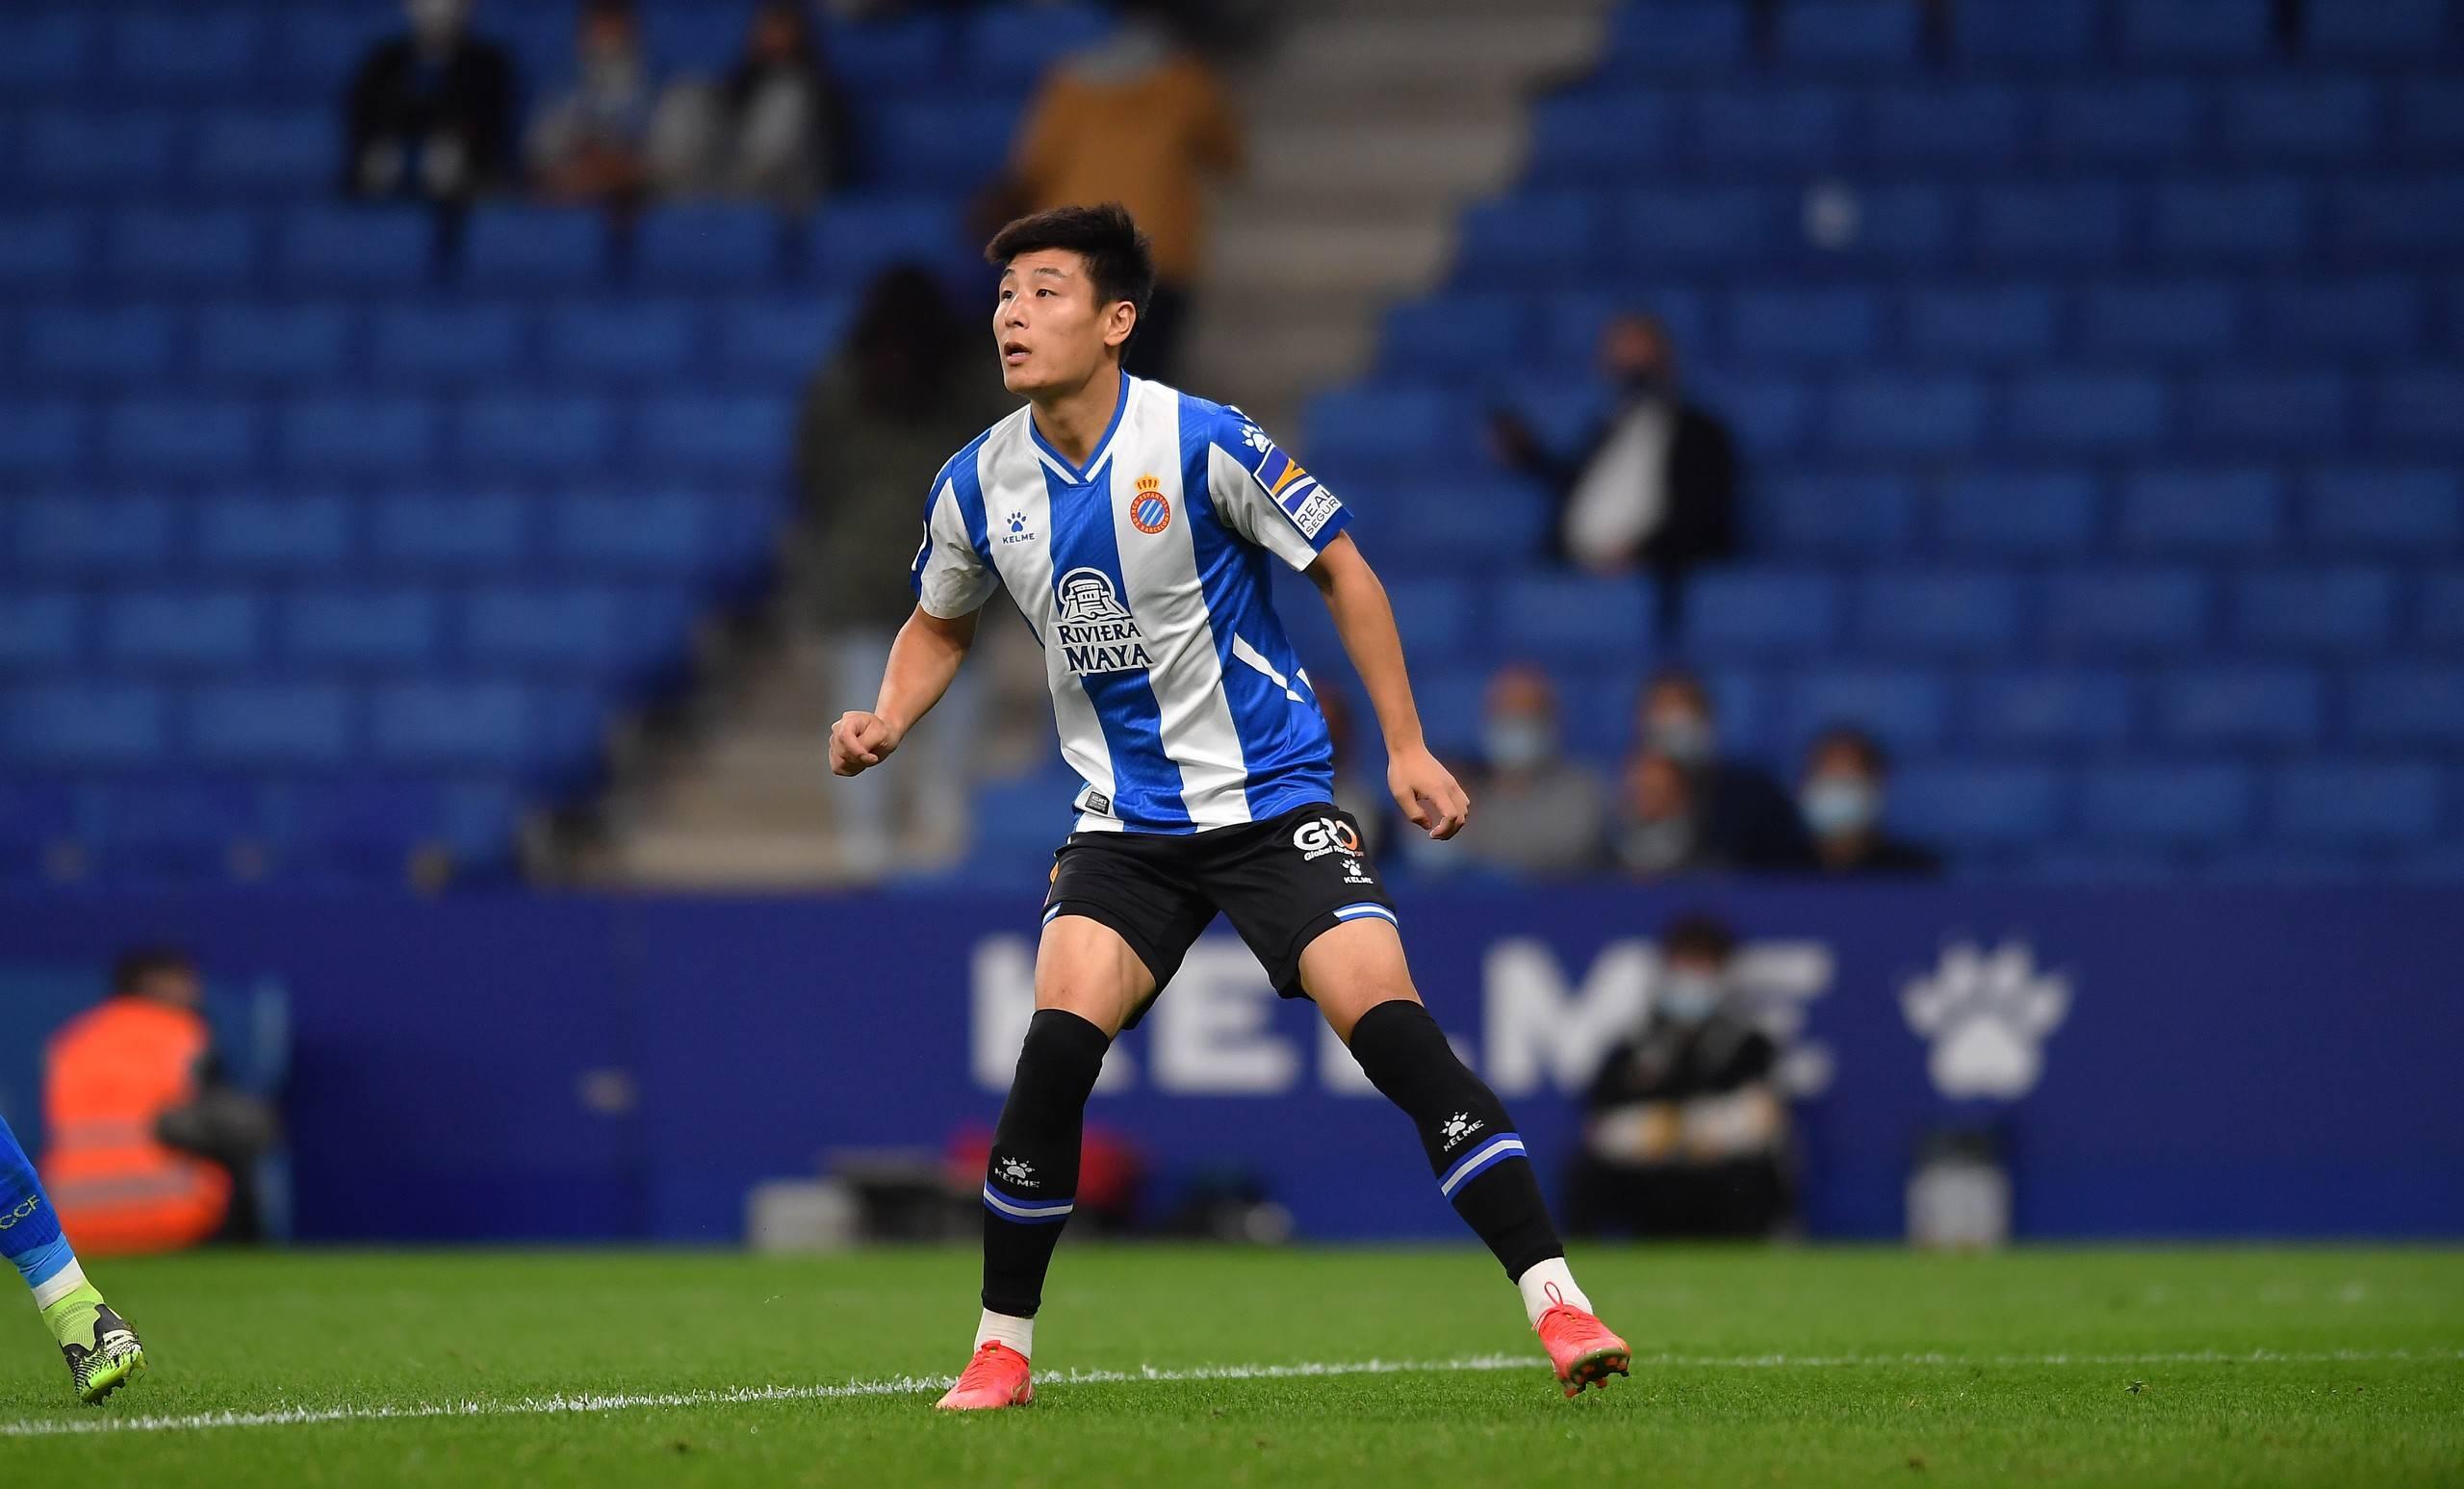 西甲高管:正关注一些中国球员 武磊的表现还不错